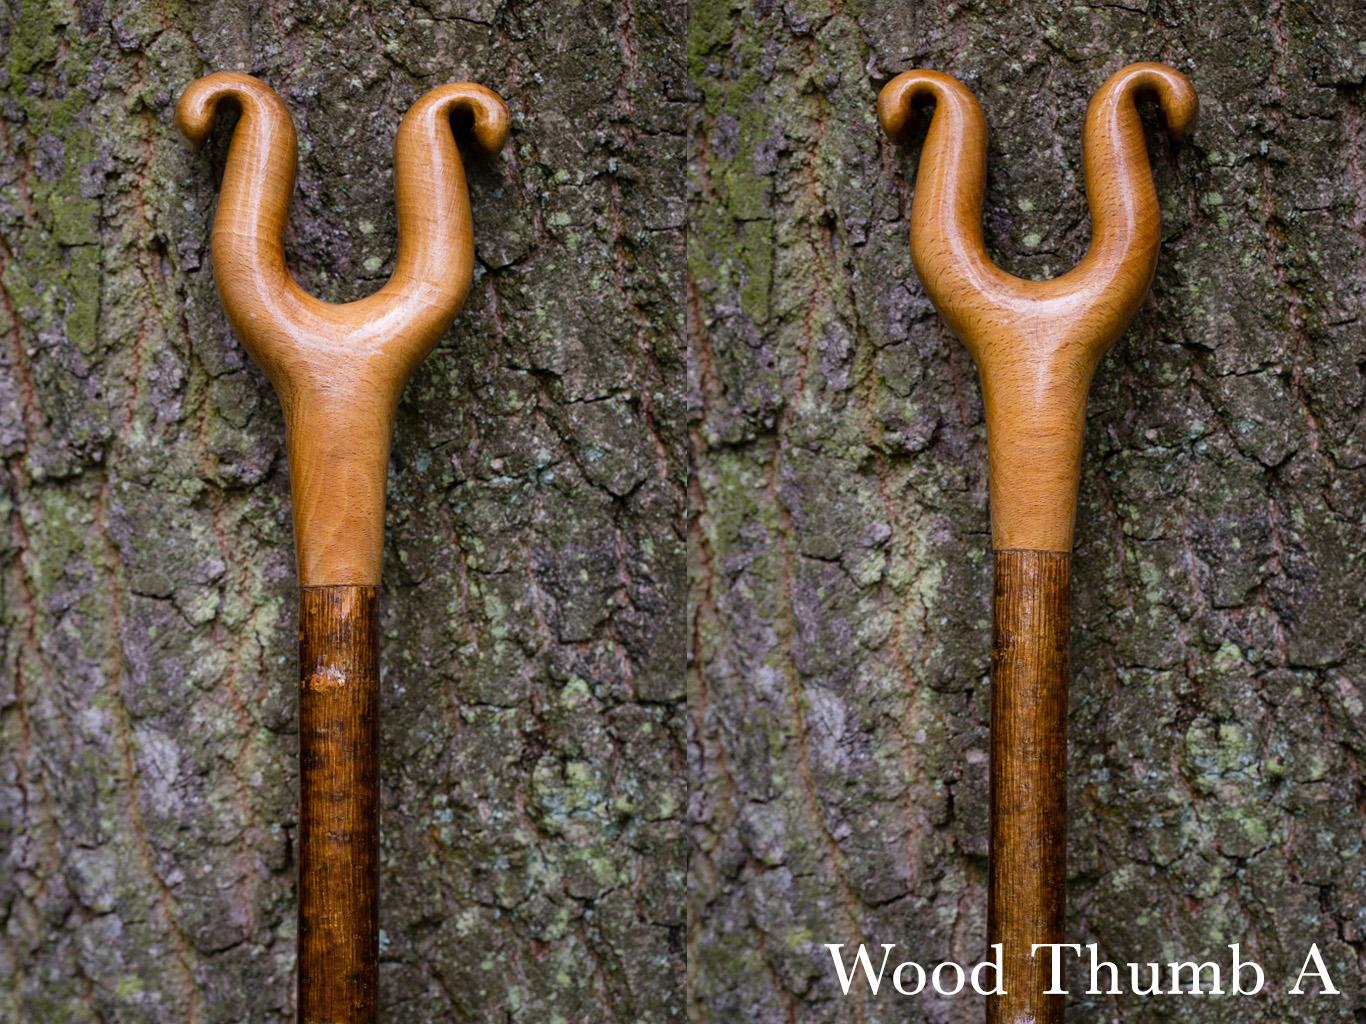 A Wood Thumb